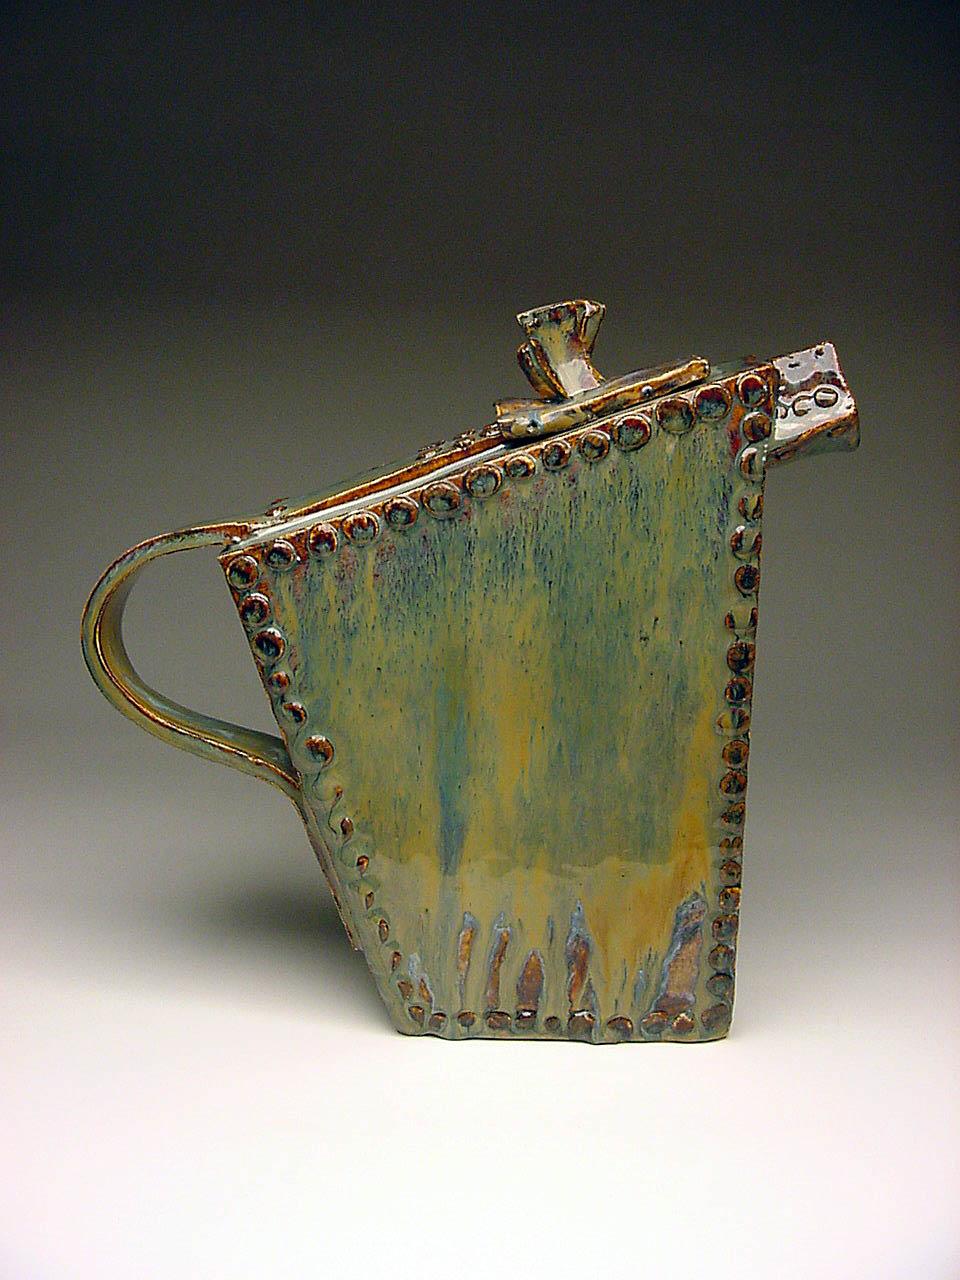 Riveted Tea Pot